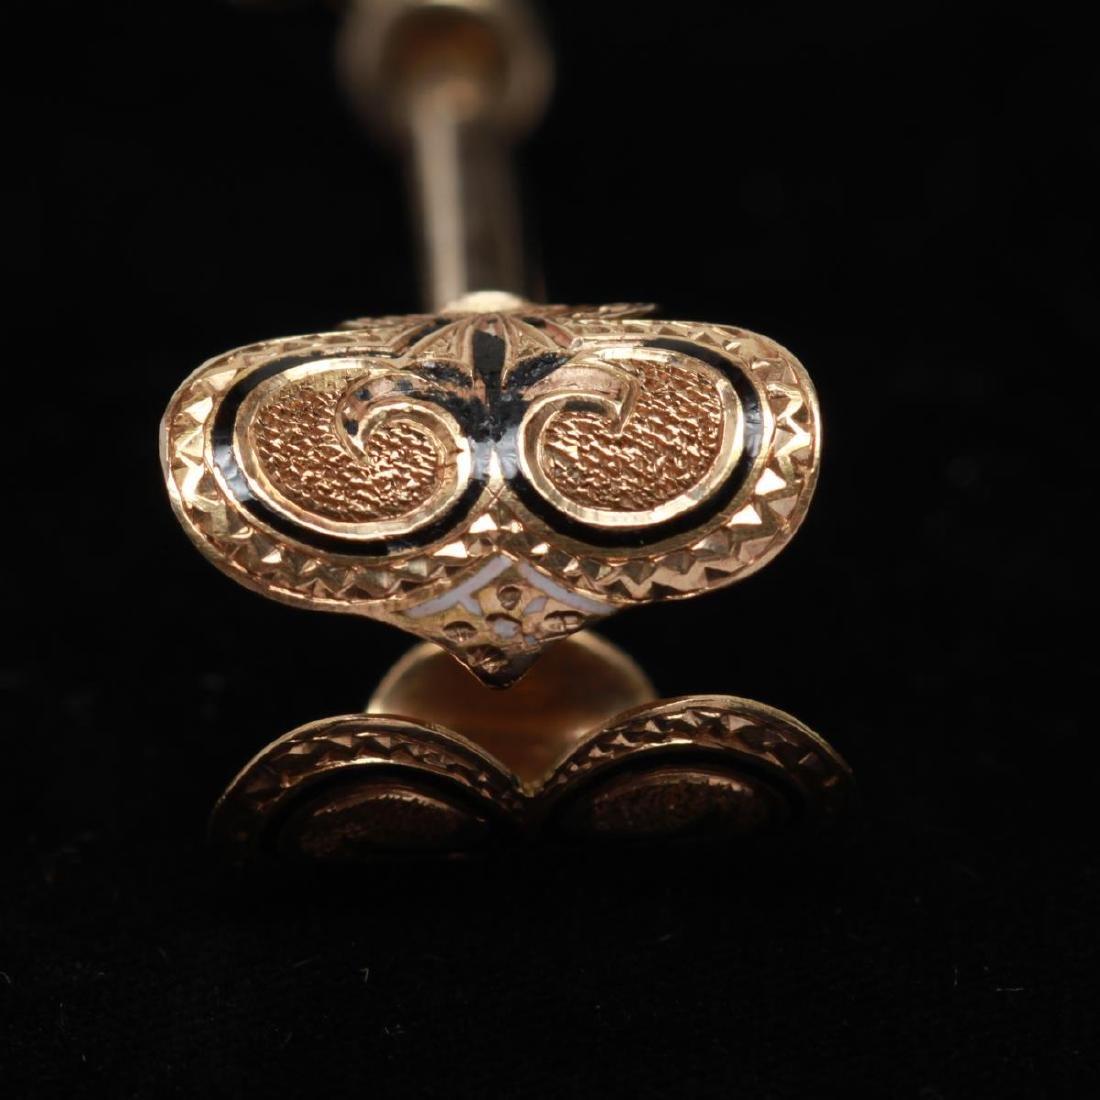 14K Gold Lady's Enamel Cigarette Holder w. Ring - 5